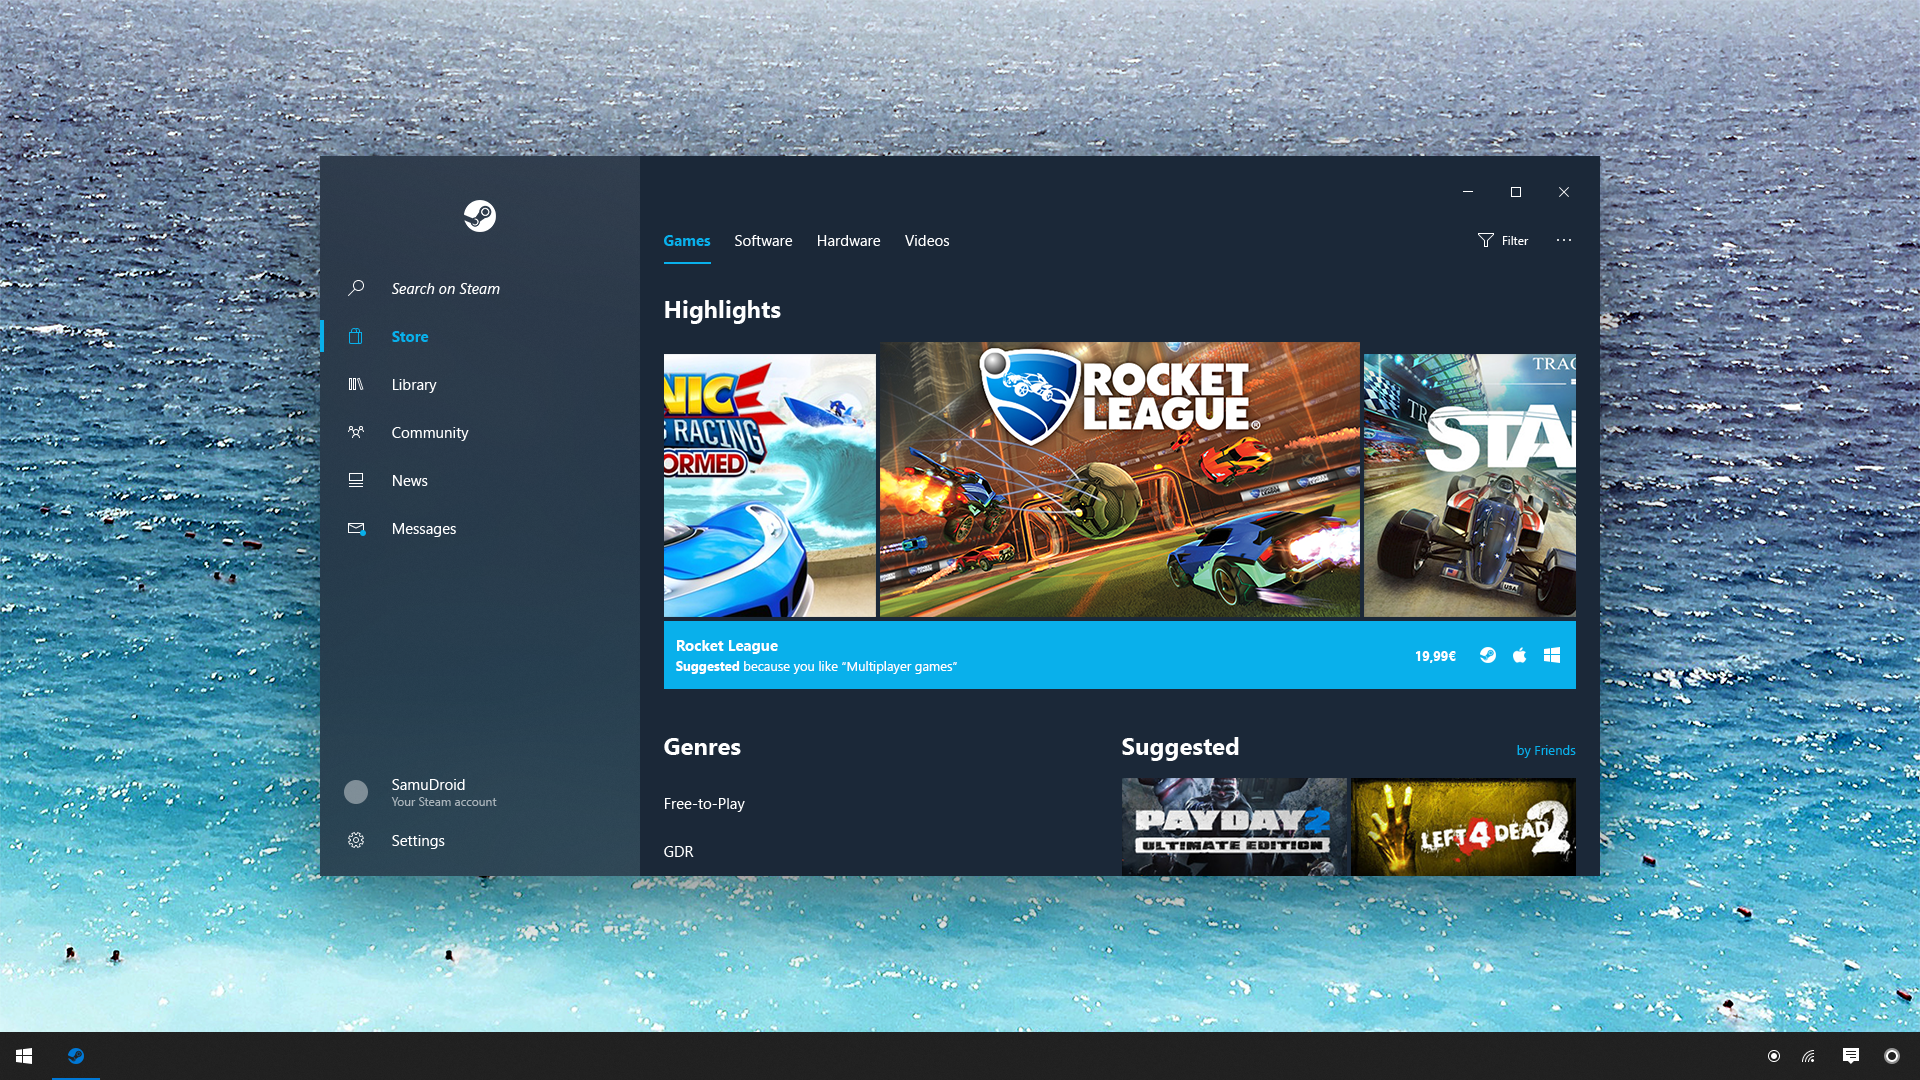 Steam - Windows 10 Fluent Design System Concept by SamuDroid